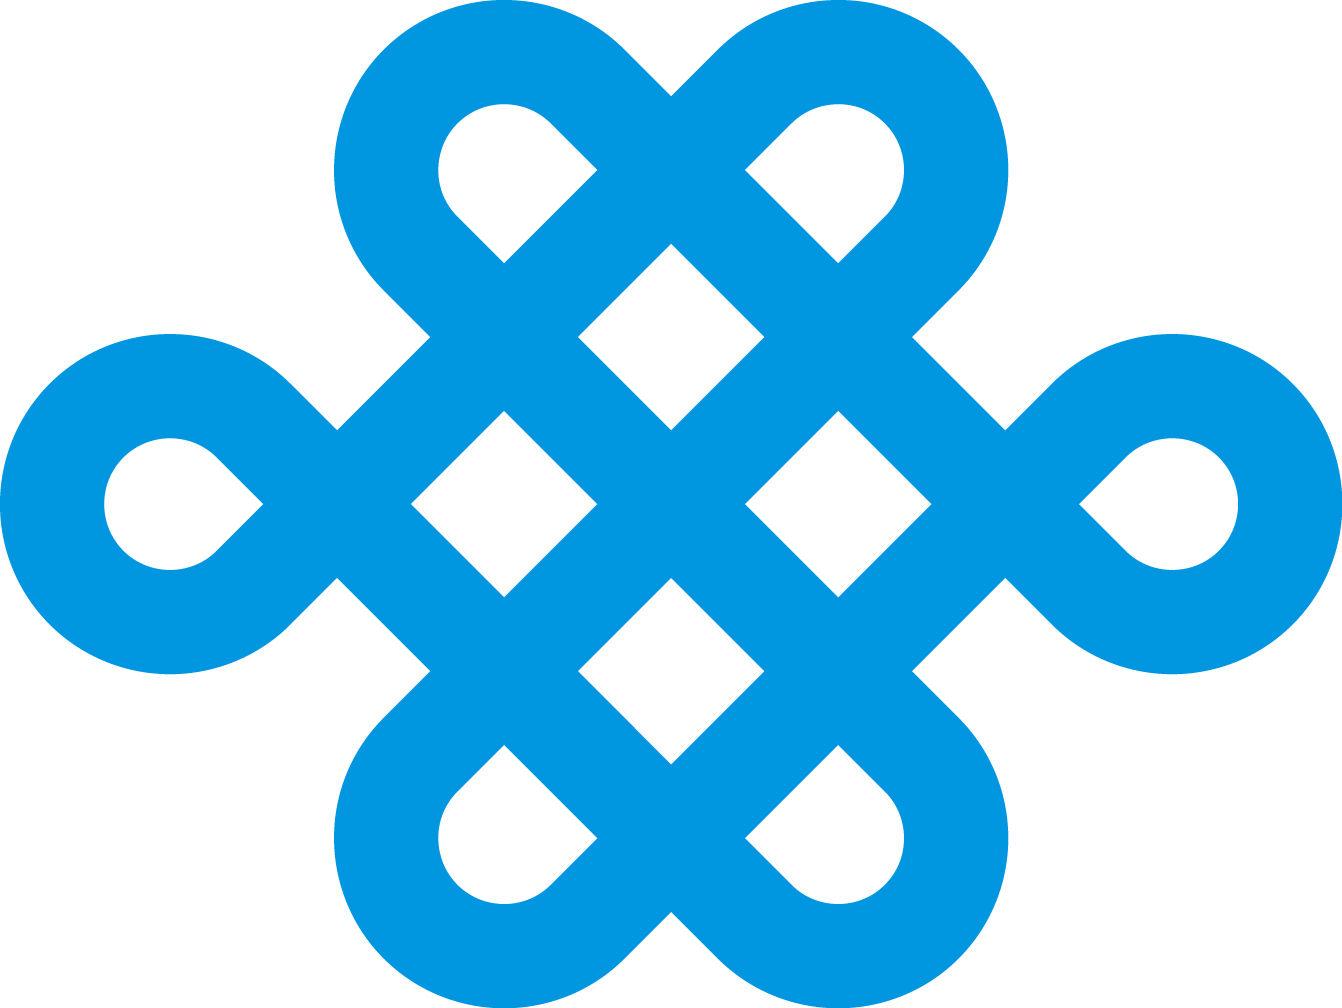 logo logo 标志 设计 矢量 矢量图 素材 图标 1342_1008